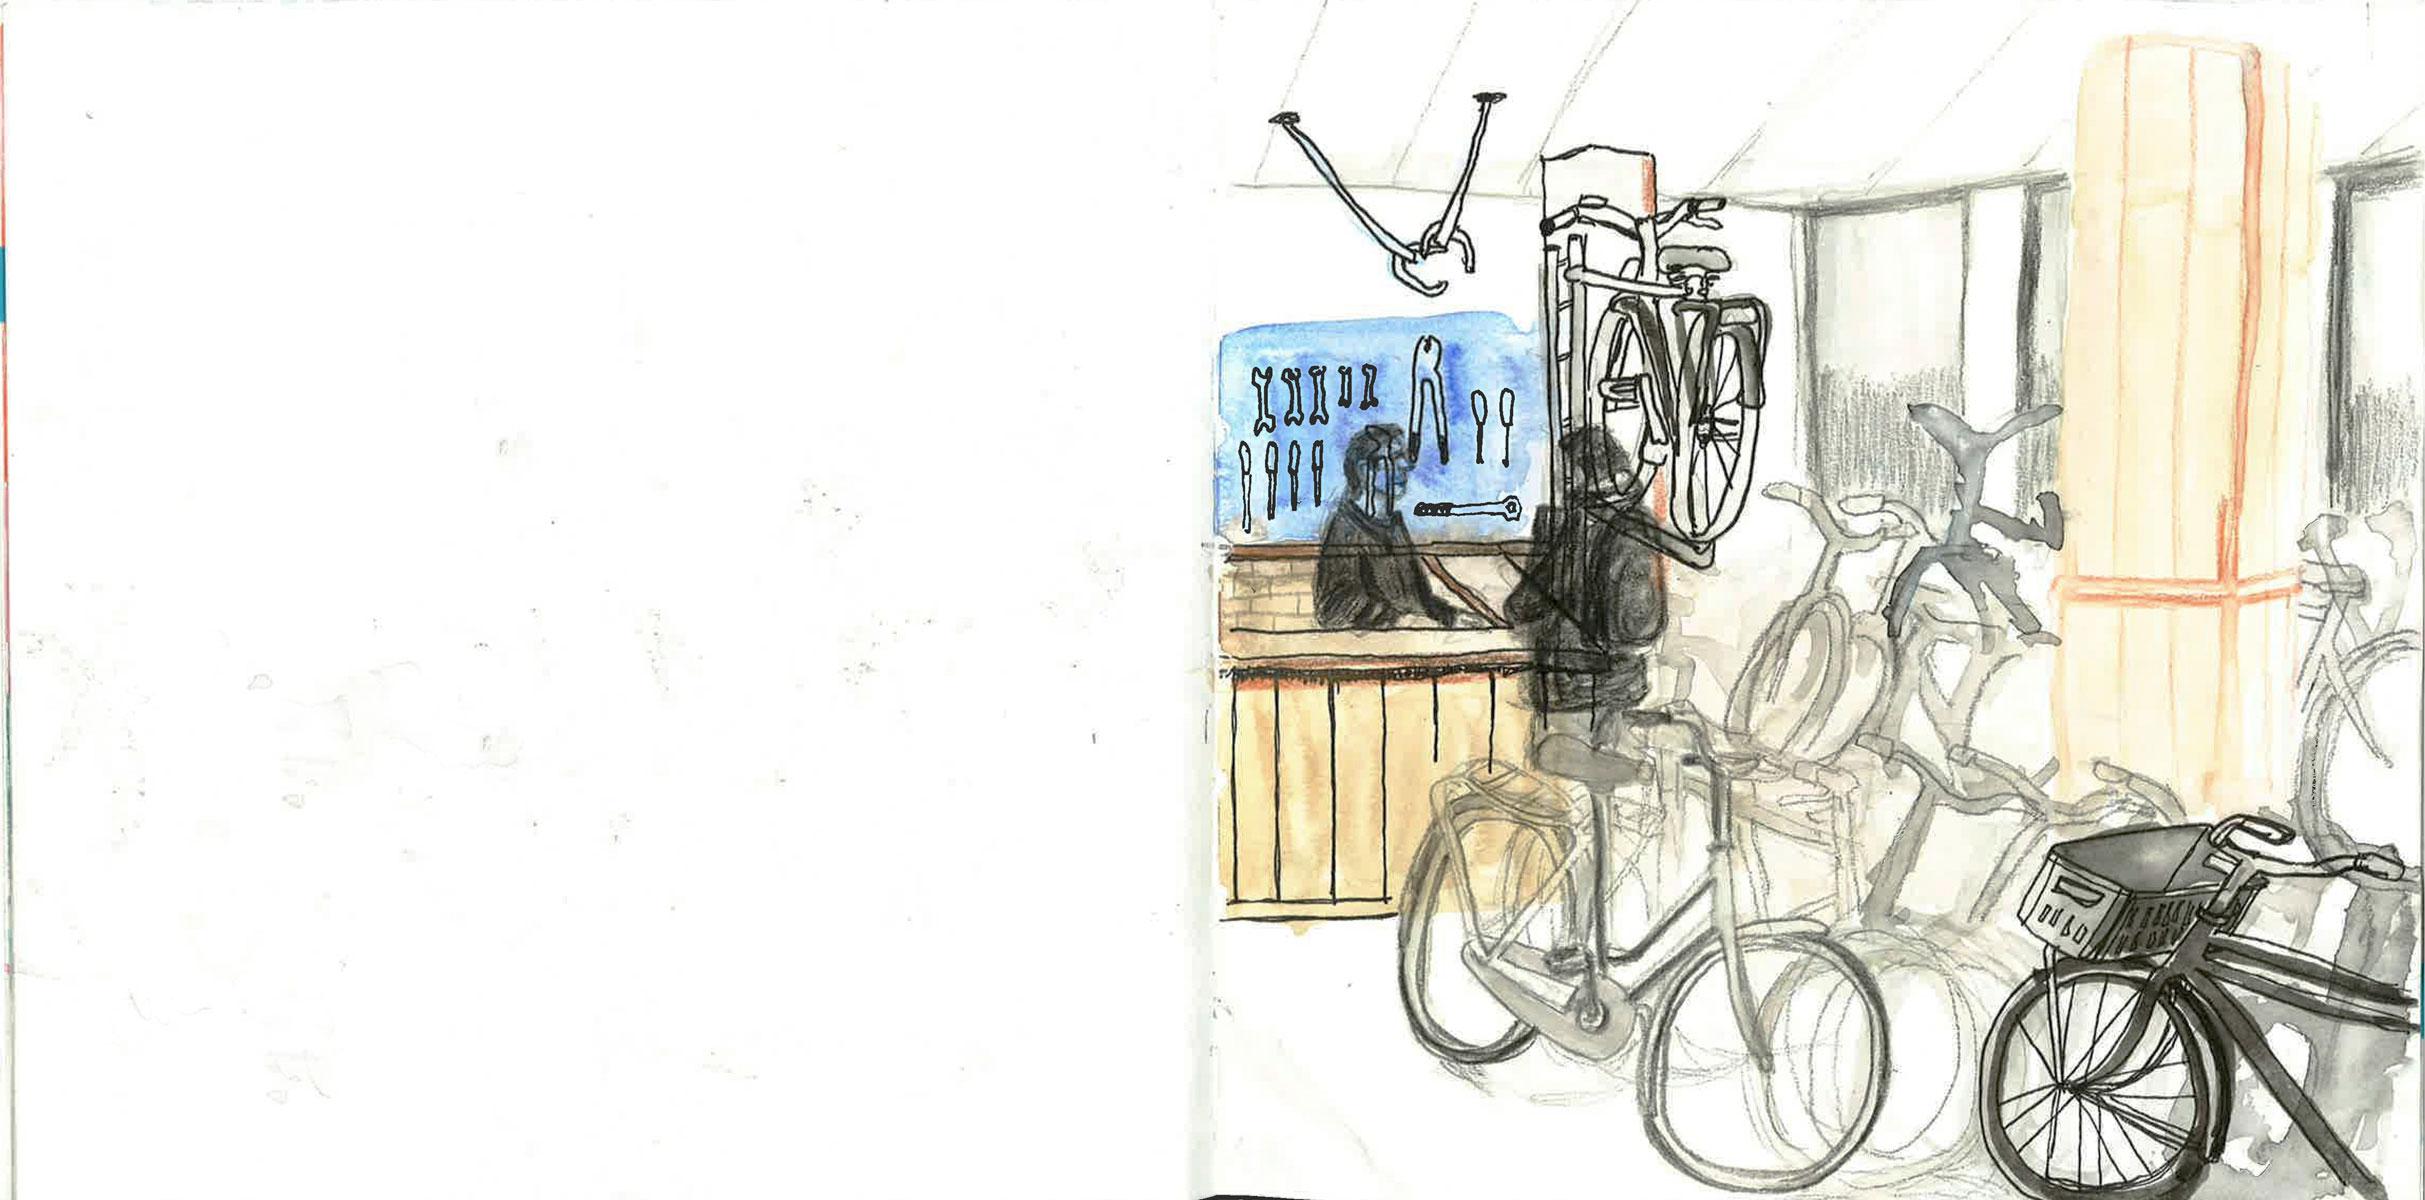 sketch of bike repair shop by ellen vesters illustrator ma childrens book illustration